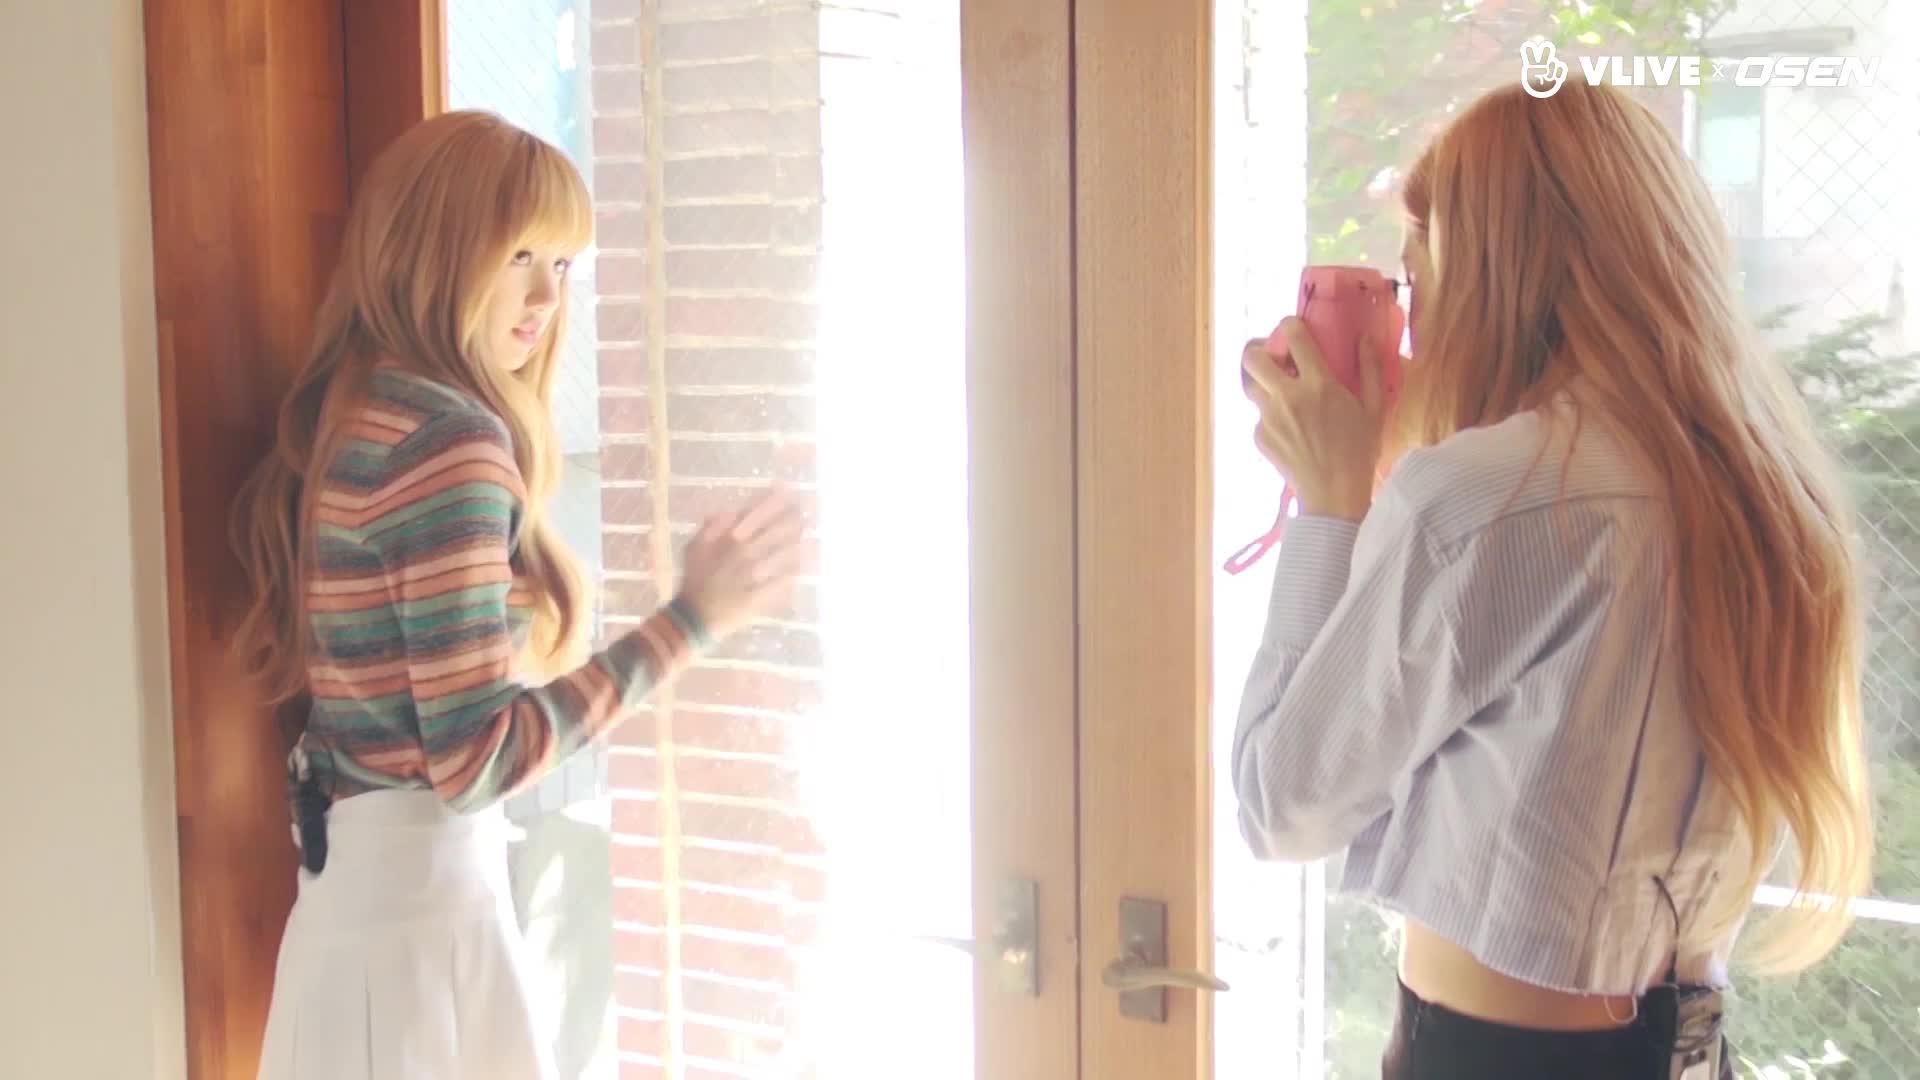 ★☆BLACKPINK 블랙핑크 깜짝 선물 대방출!!★☆